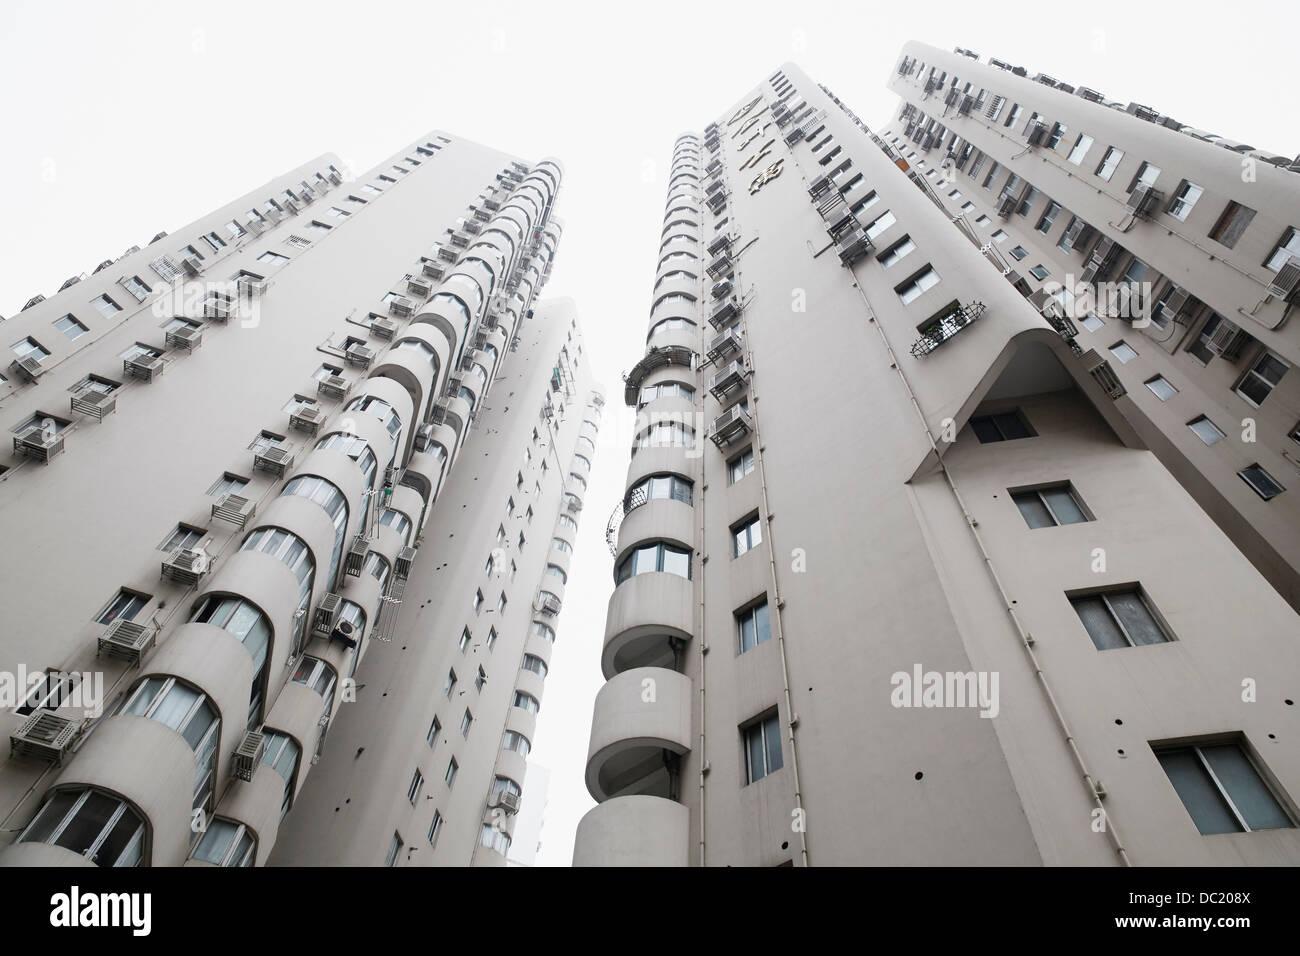 Basso angolo vista dei grattacieli, Shanghai, Cina Immagini Stock